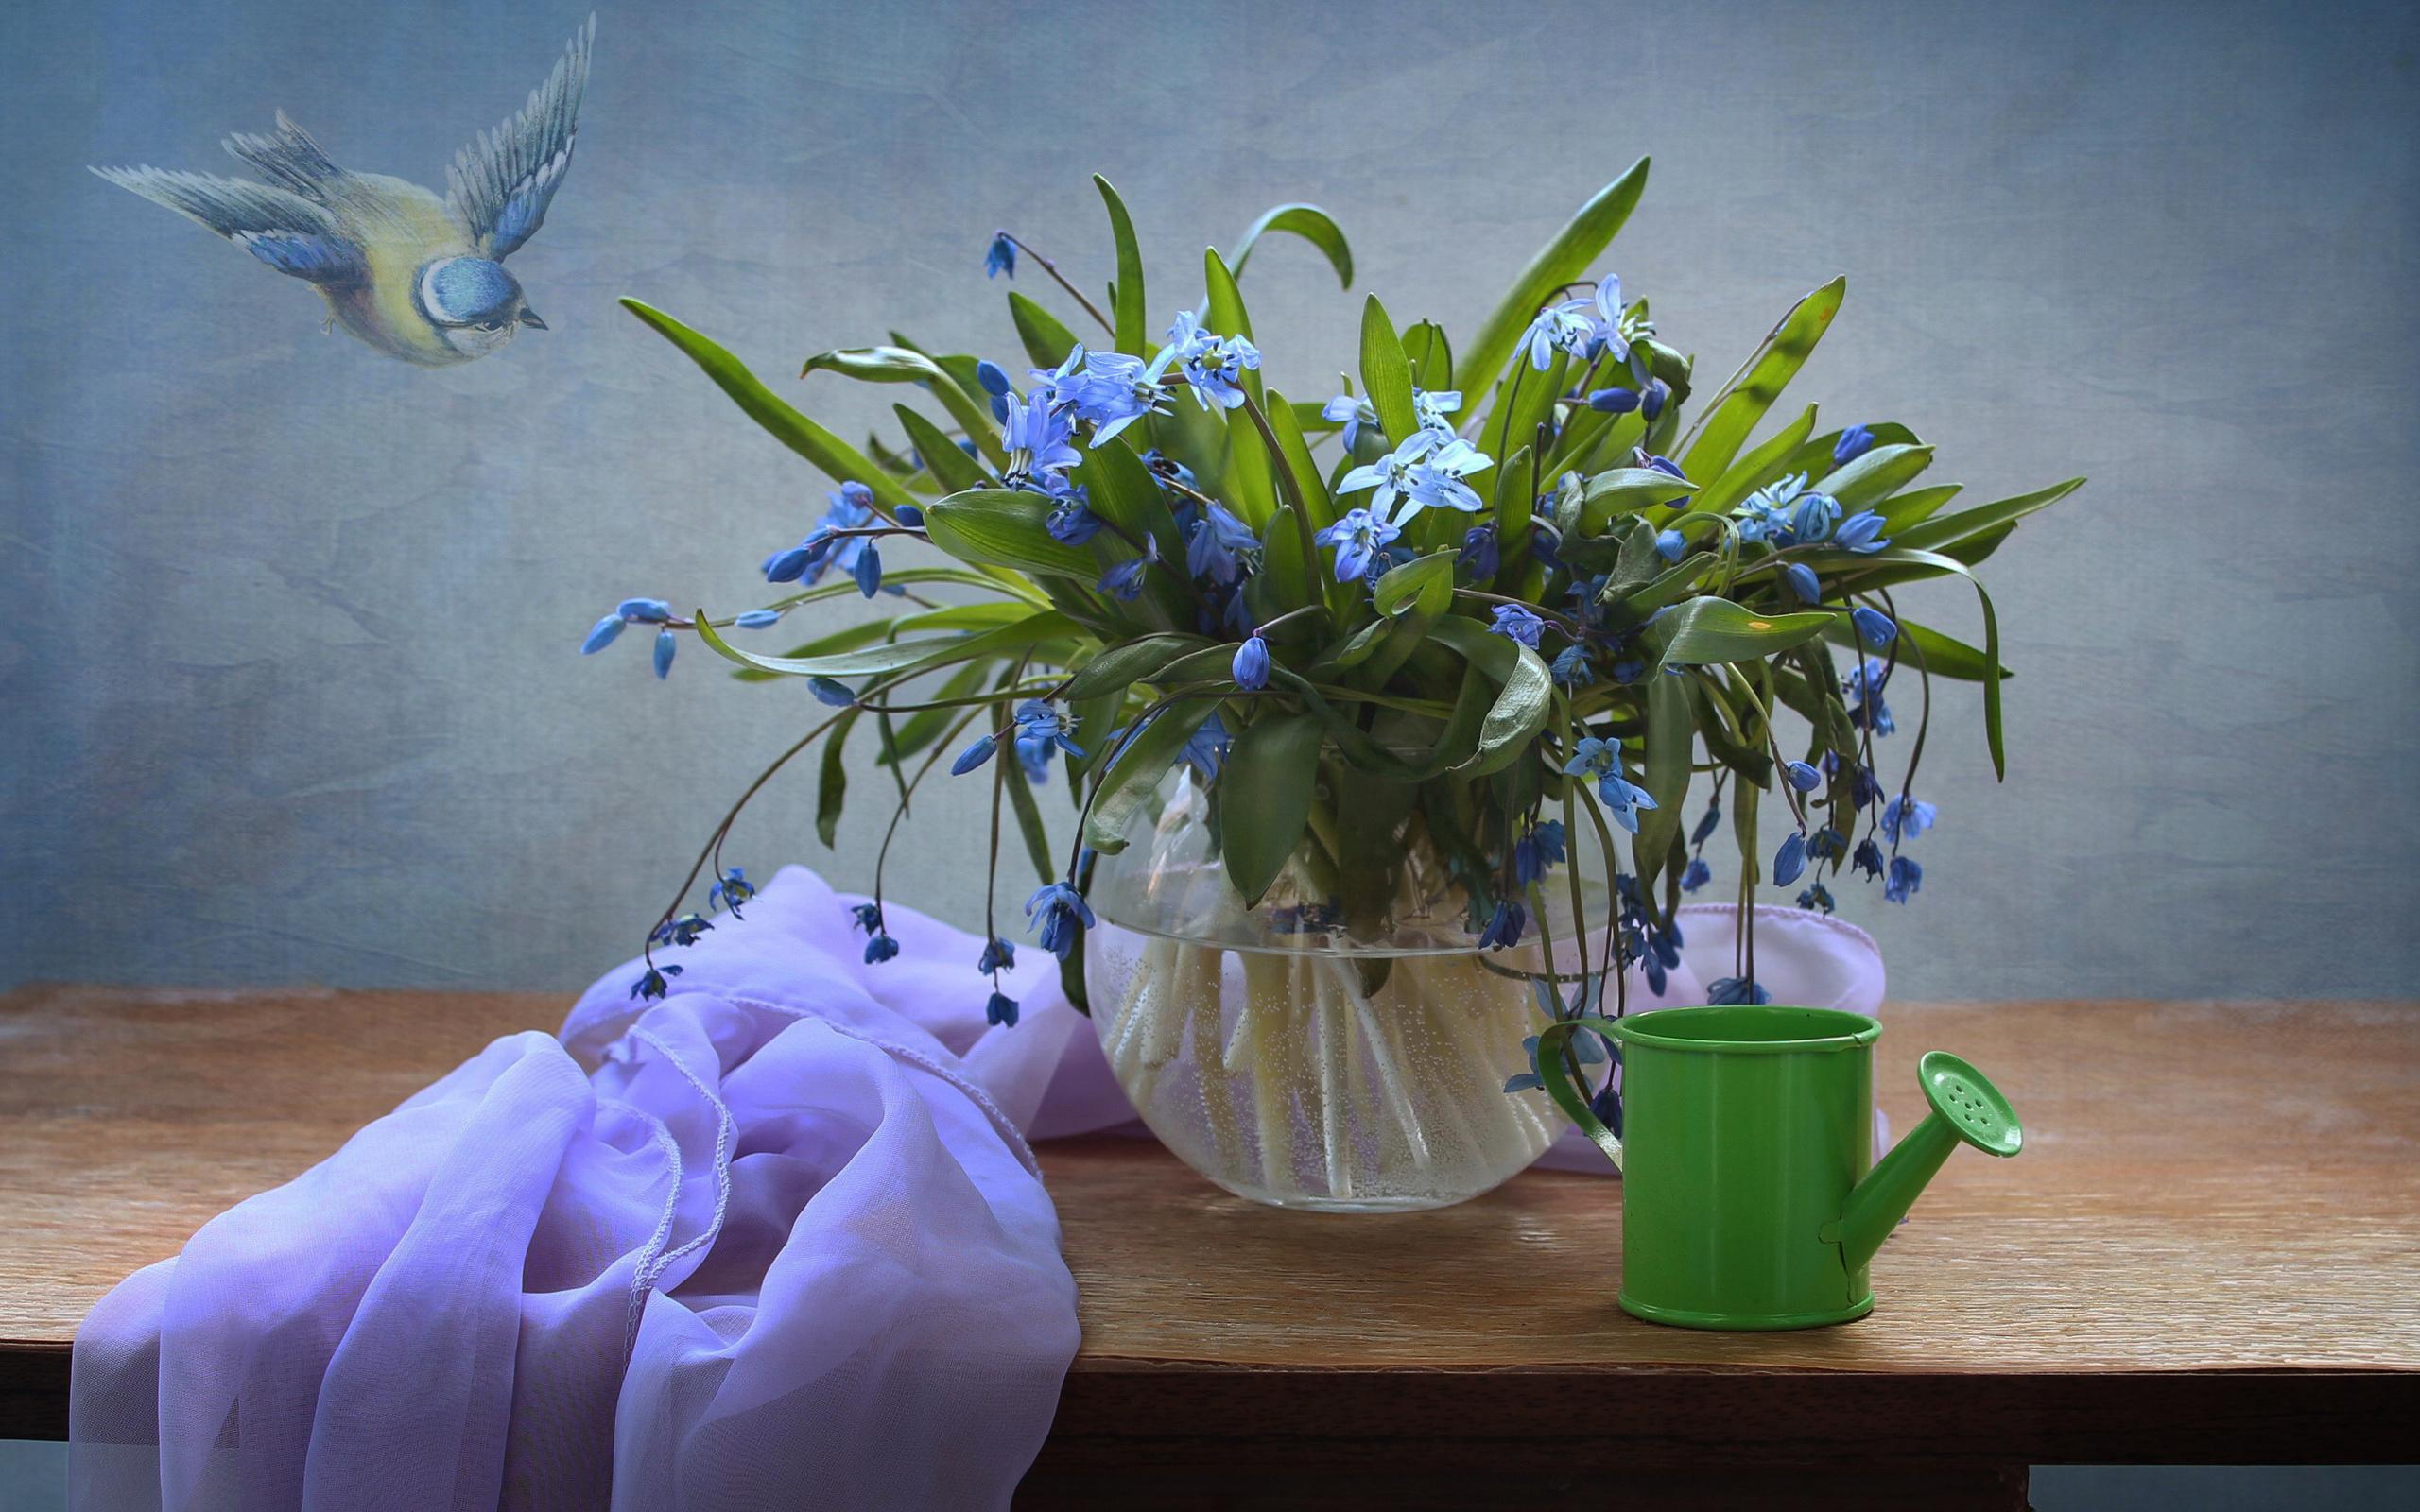 полка, ваза, цветы, пролески, лейка, платок, птичка, картина